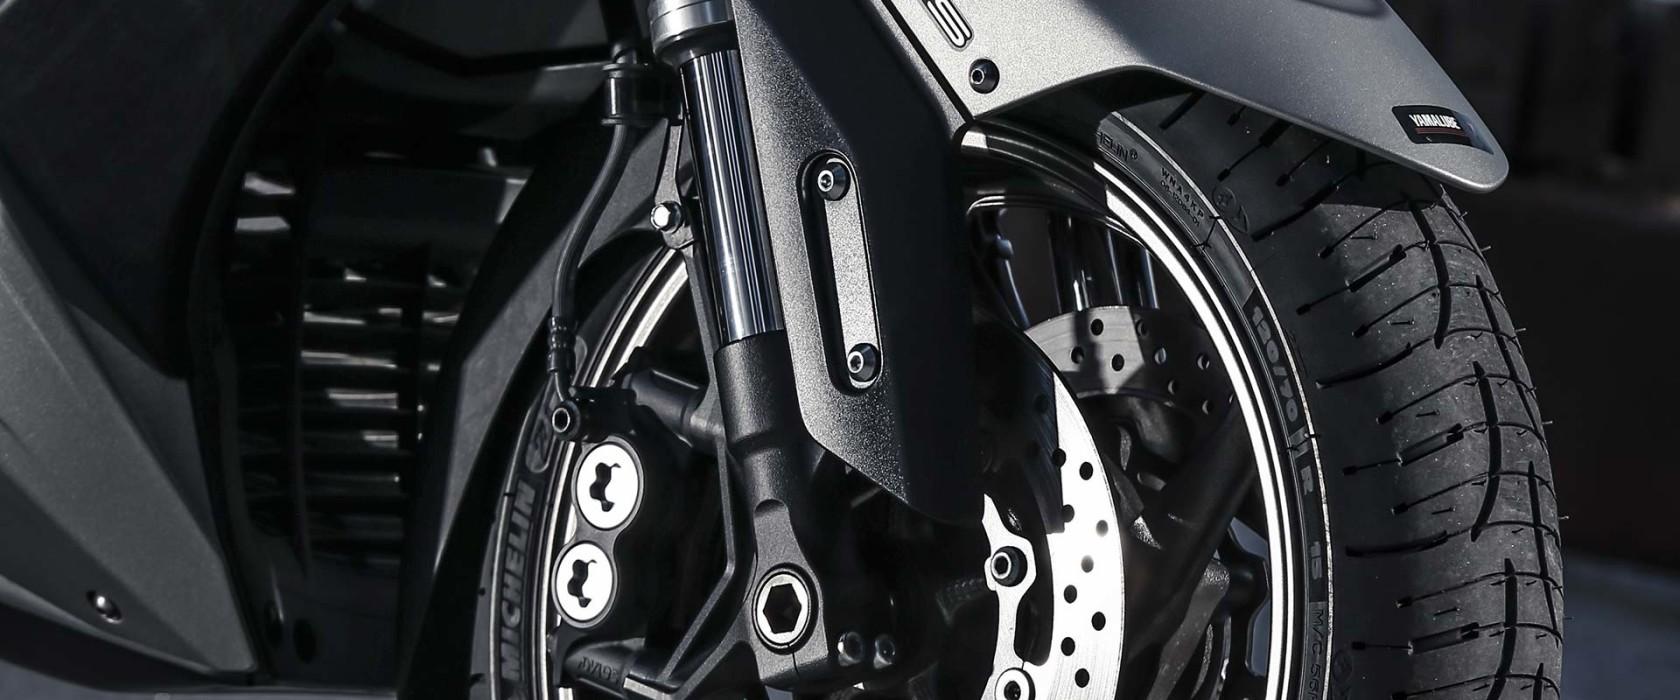 MichelinPilotRoad4SC-003